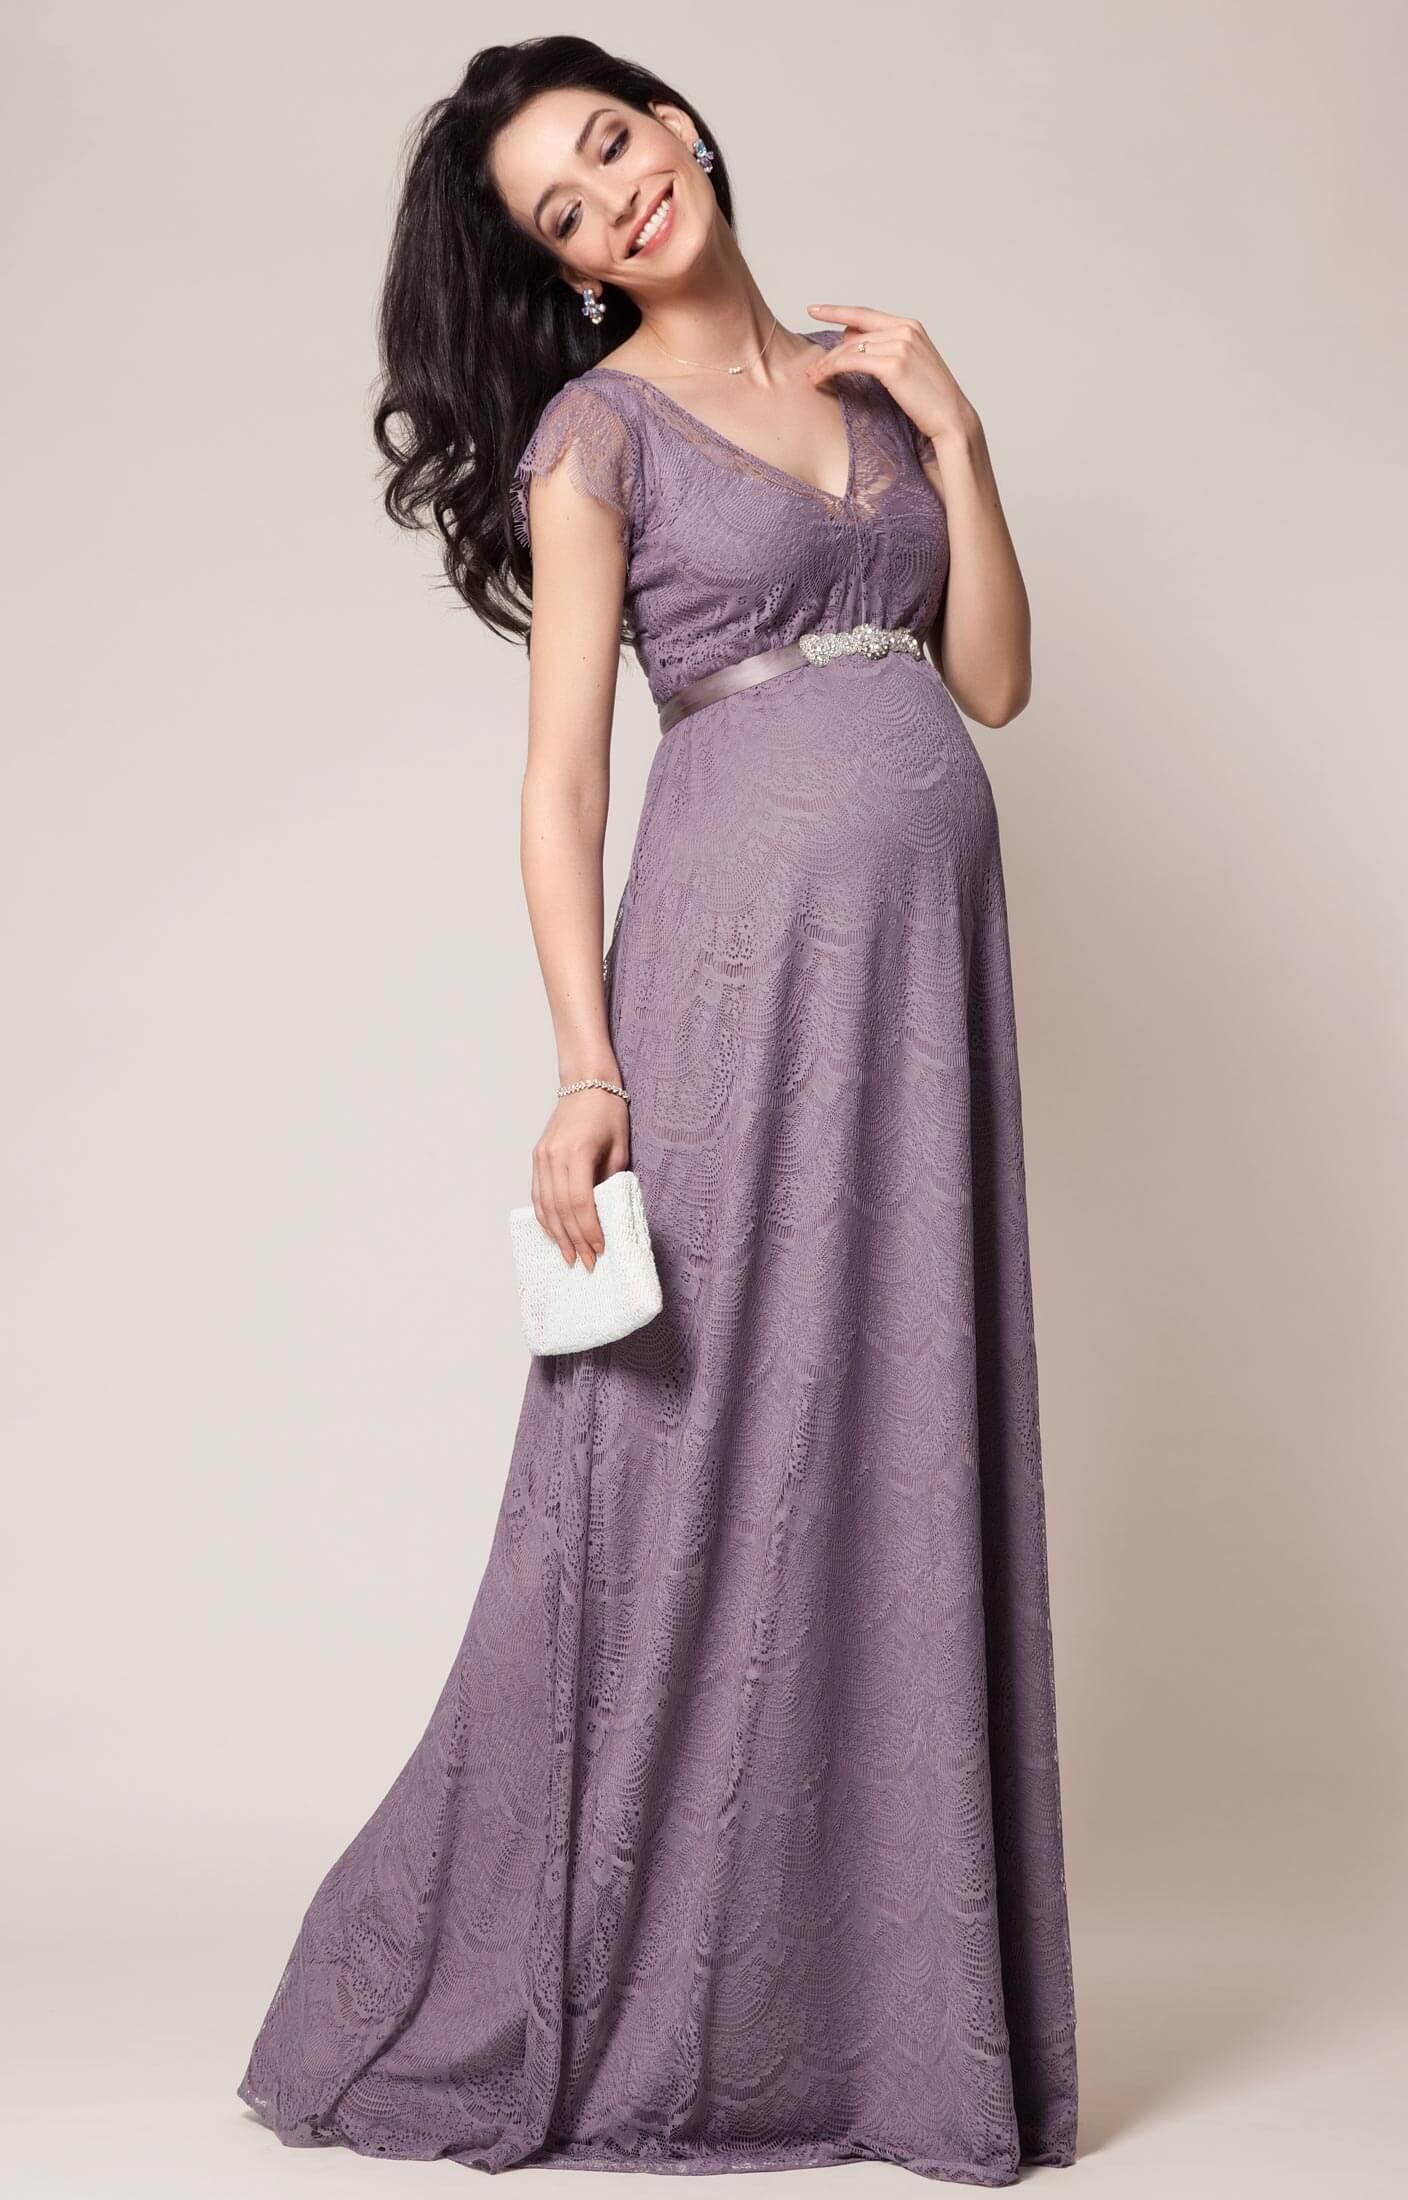 Designer Kreativ Abendkleid Lang VertriebAbend Cool Abendkleid Lang Spezialgebiet